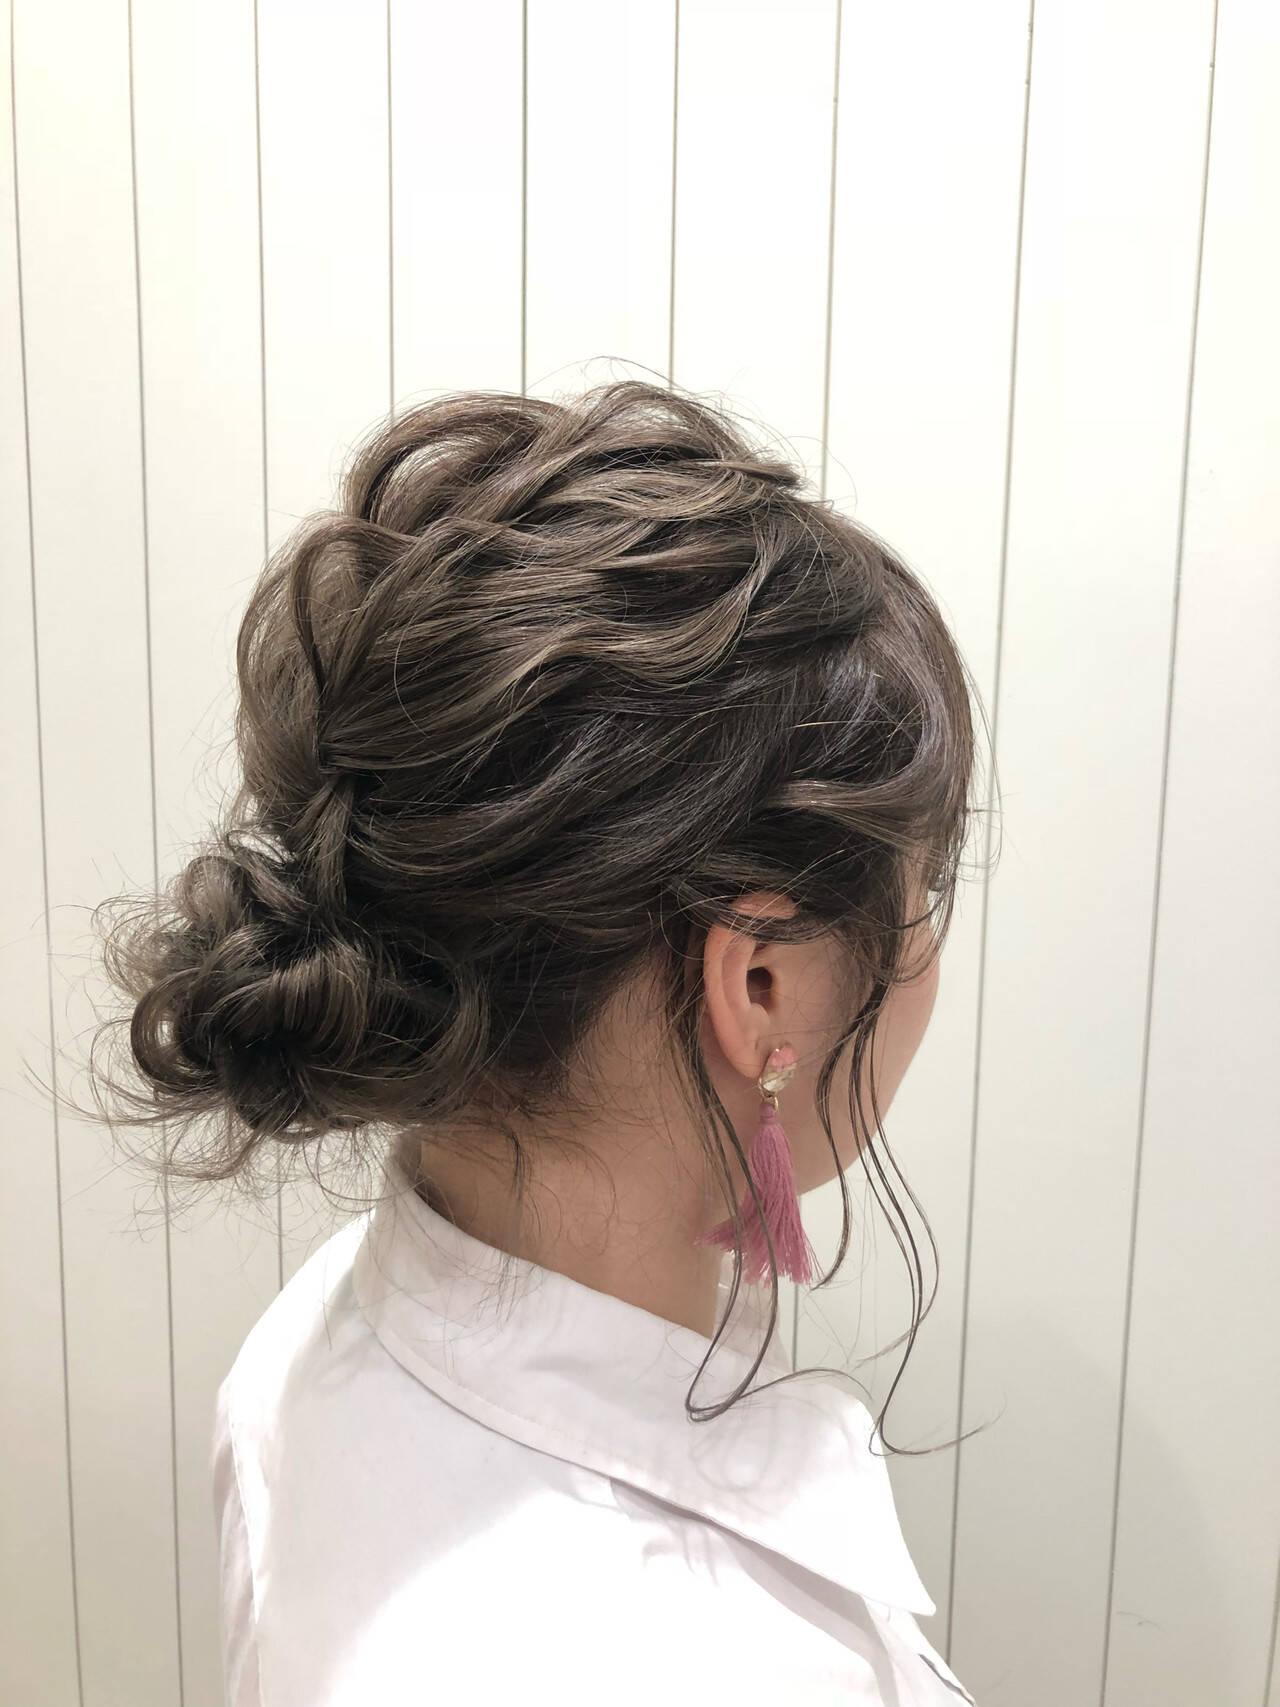 セミロング 簡単ヘアアレンジ 結婚式 デートヘアスタイルや髪型の写真・画像